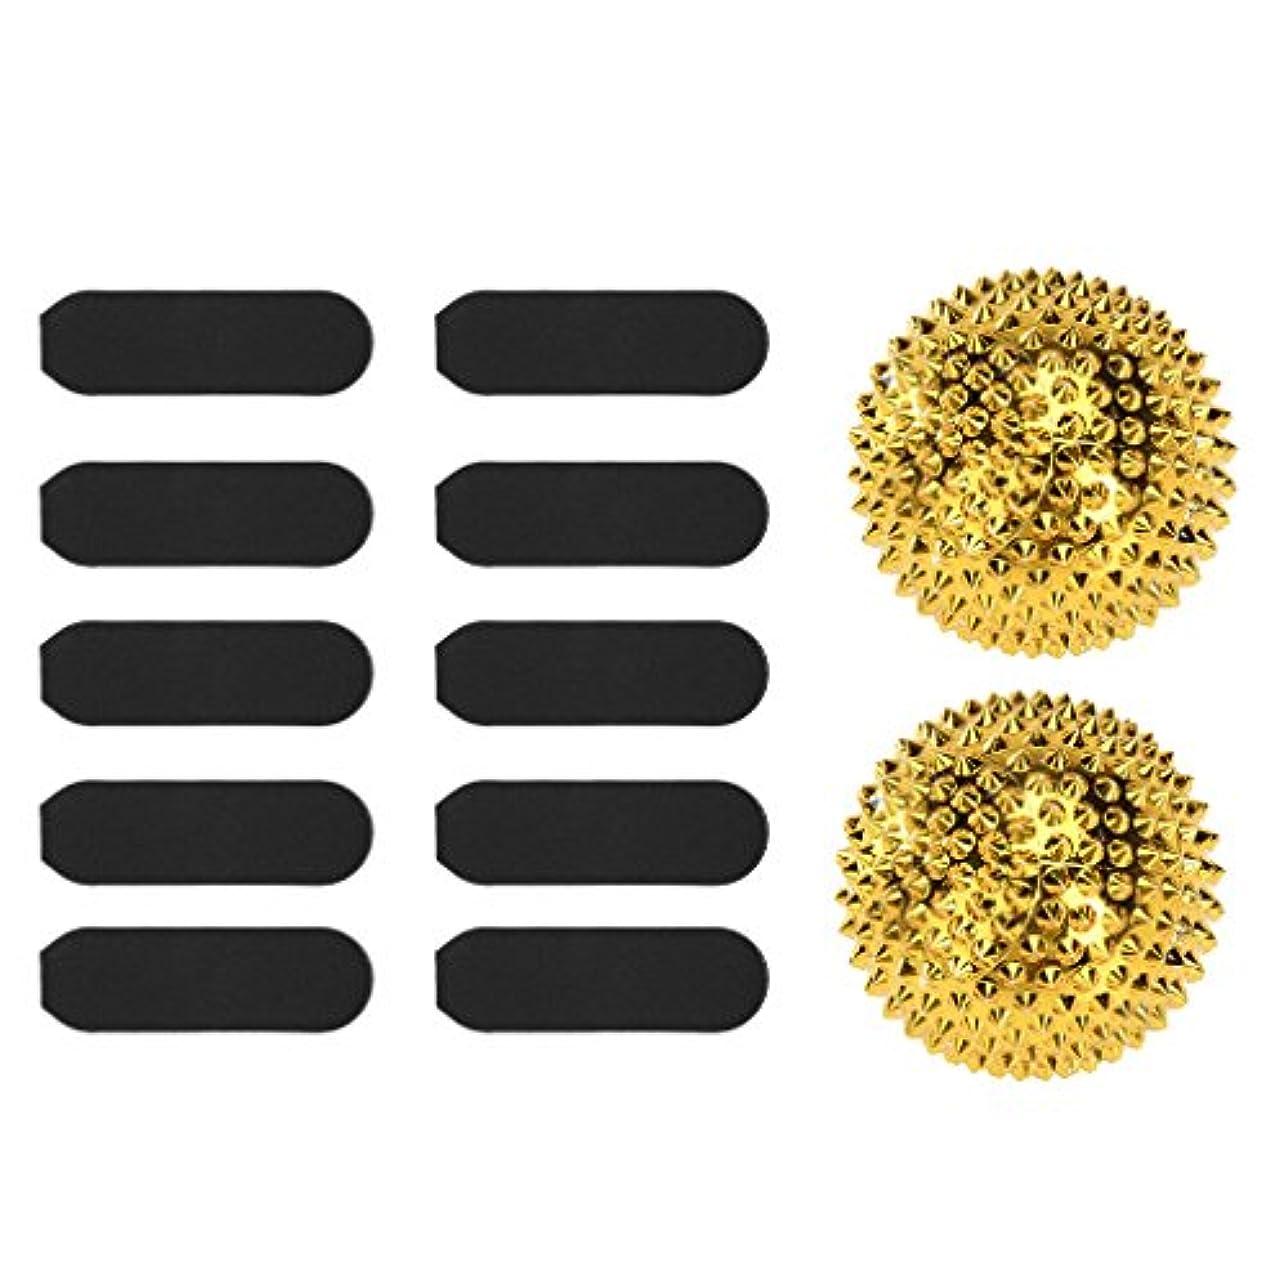 接続されたレベル愛情深いSONONIA マッサージ用 刺激 ボール 疲労軽減 +  10枚 サンドペーパー デッド スキン カルス リムーバー ツール